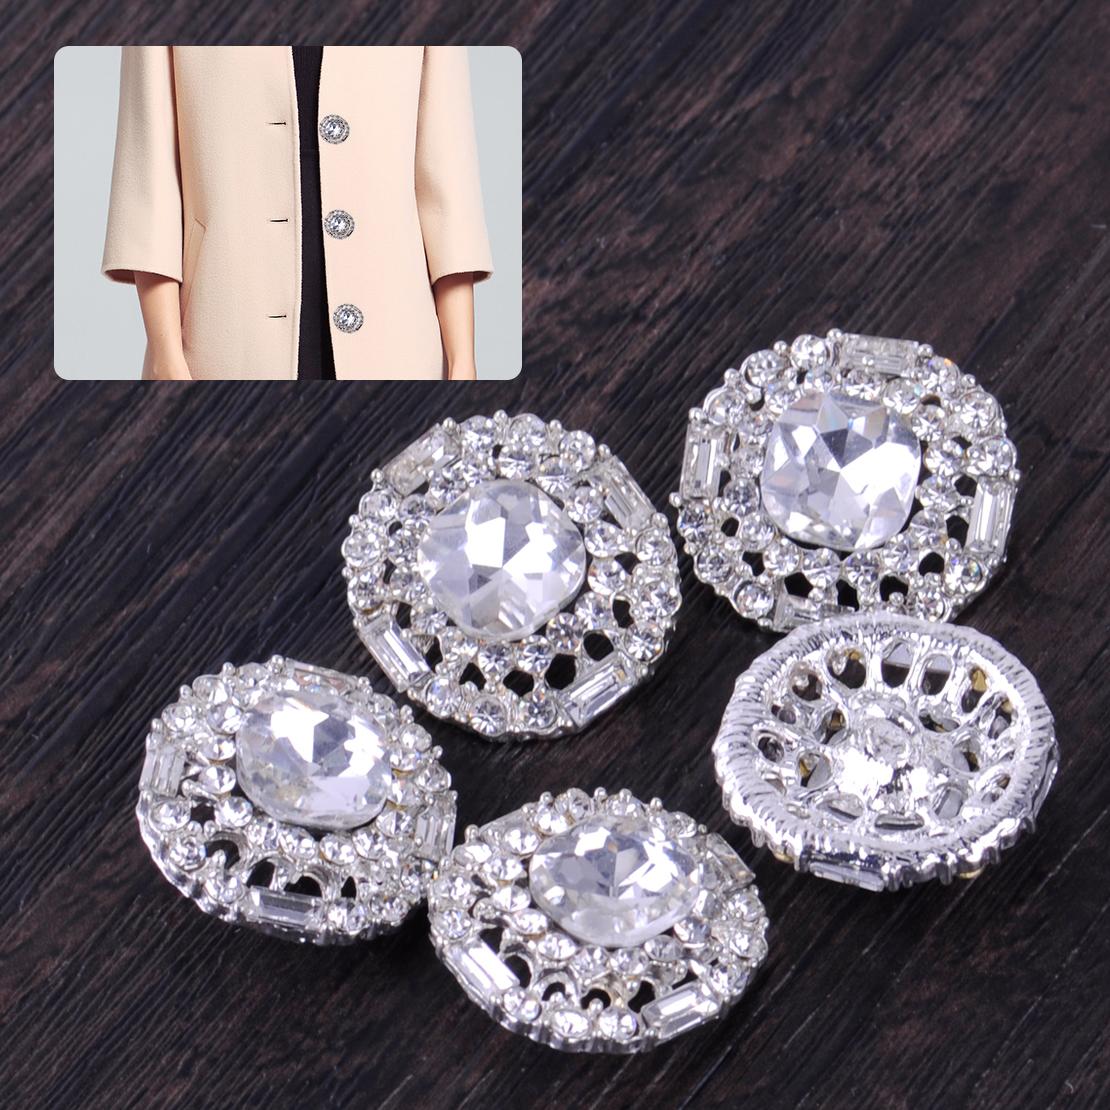 5pc Crystal Rhinestone Pearl Flower Button Flatback Craft Brooch Decor 30mm